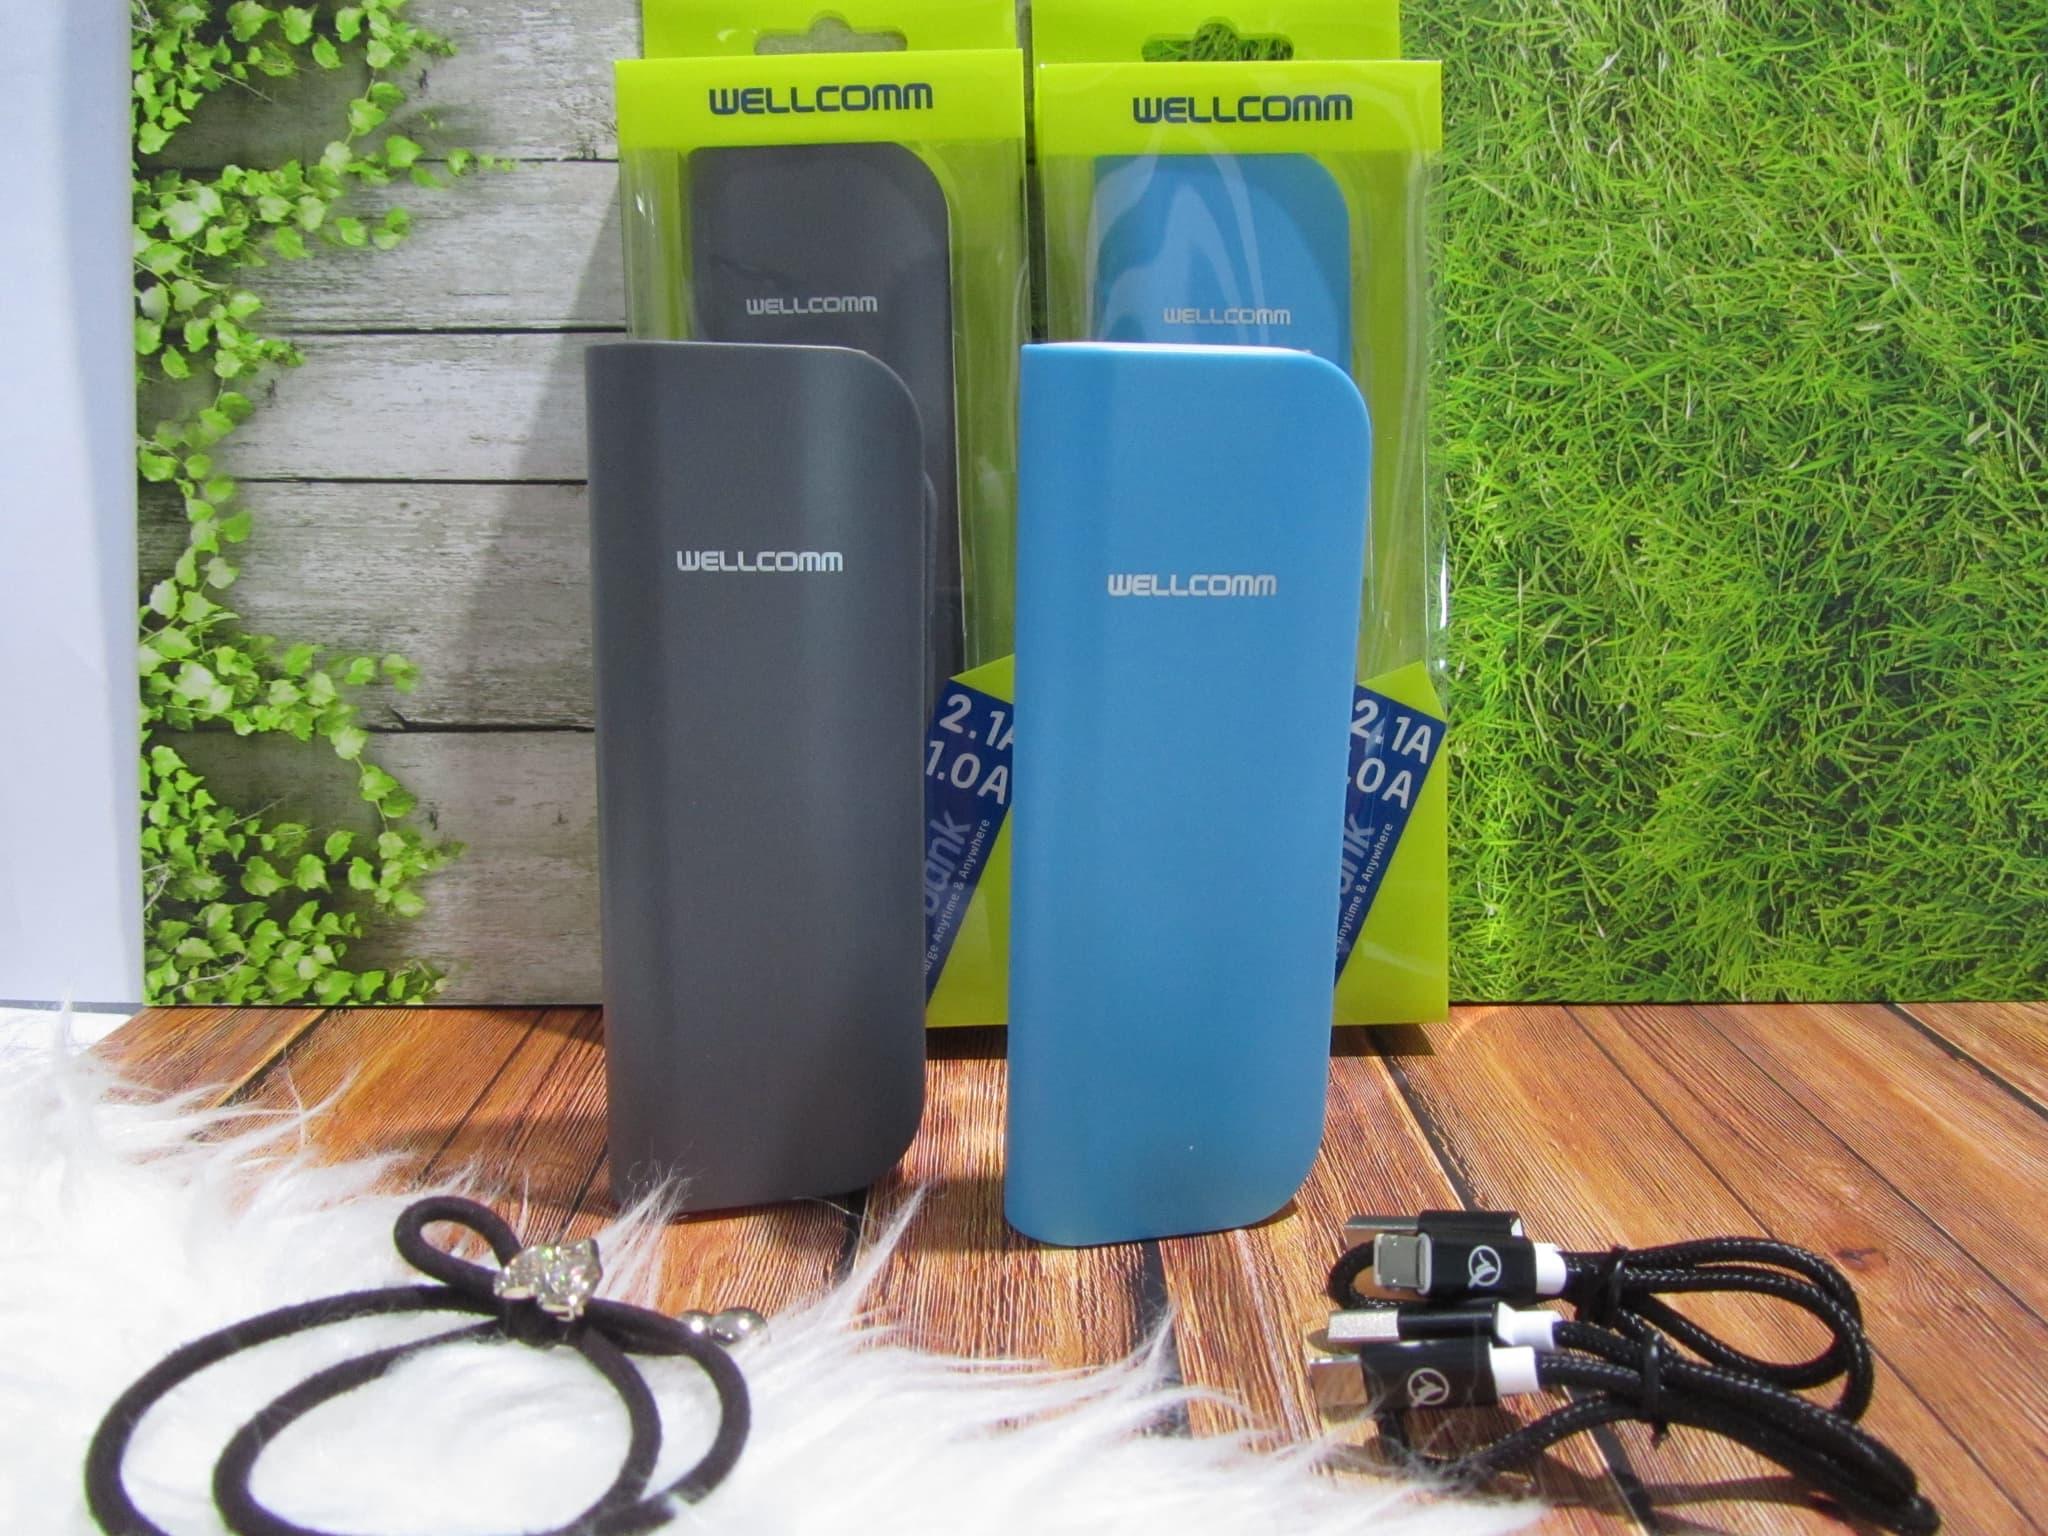 Jual Powerbank Wellcomm Mr 4000 Mah 10000mah Su 80000